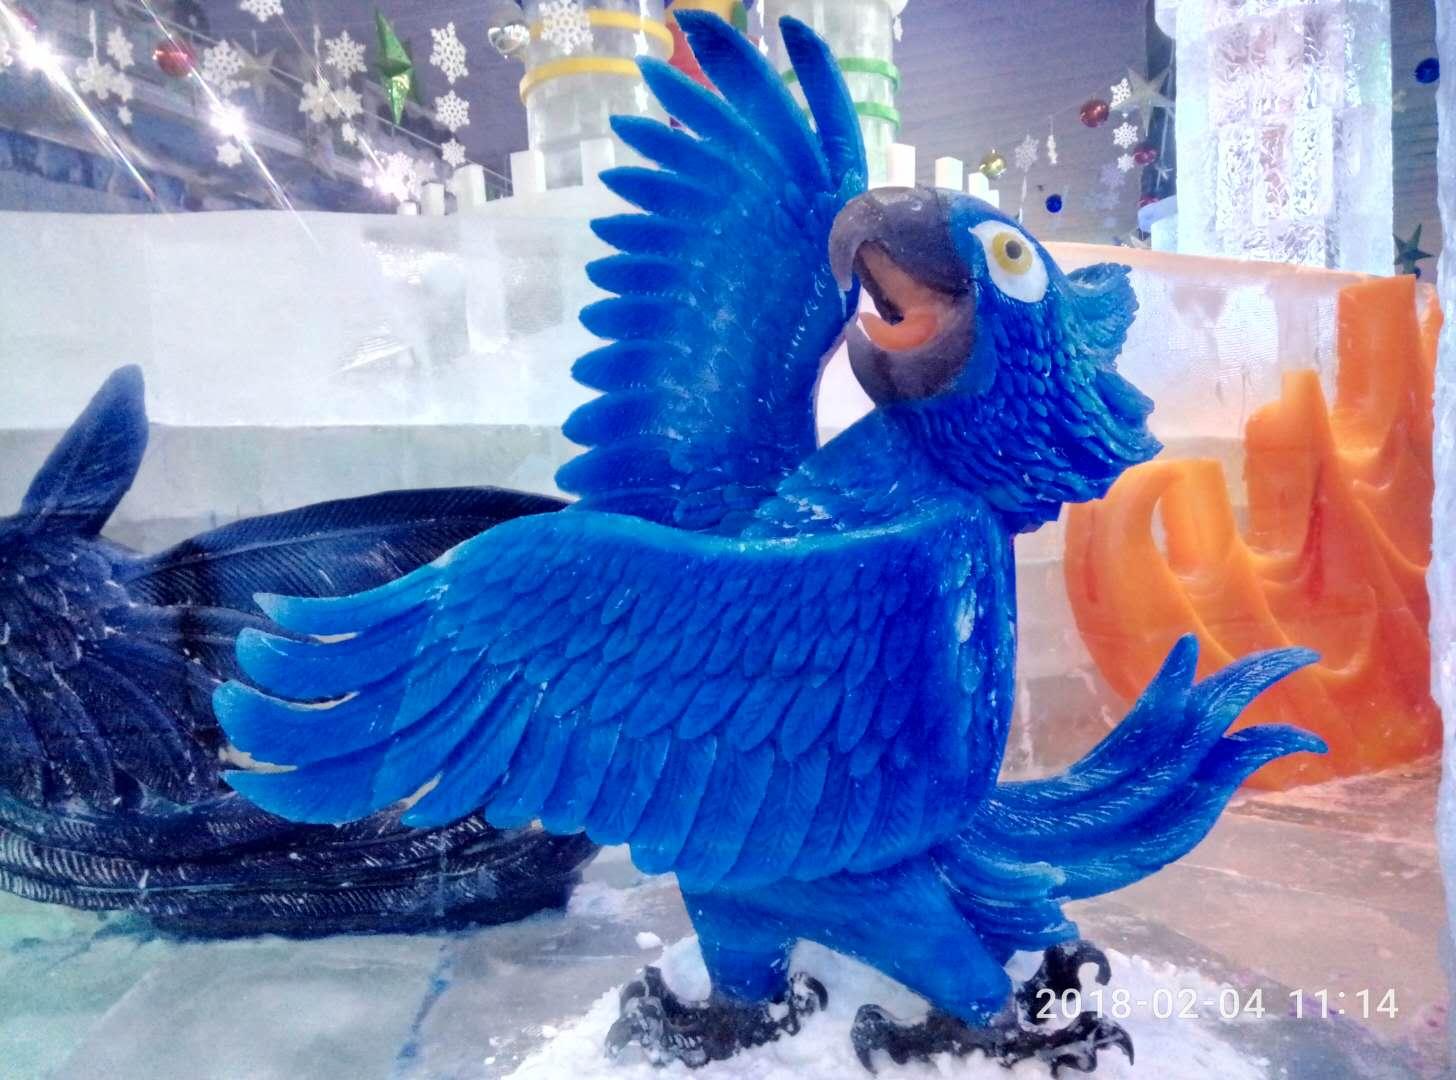 天津冰雪文化制作厂家-出售北京市精致的冰雪文化雕塑